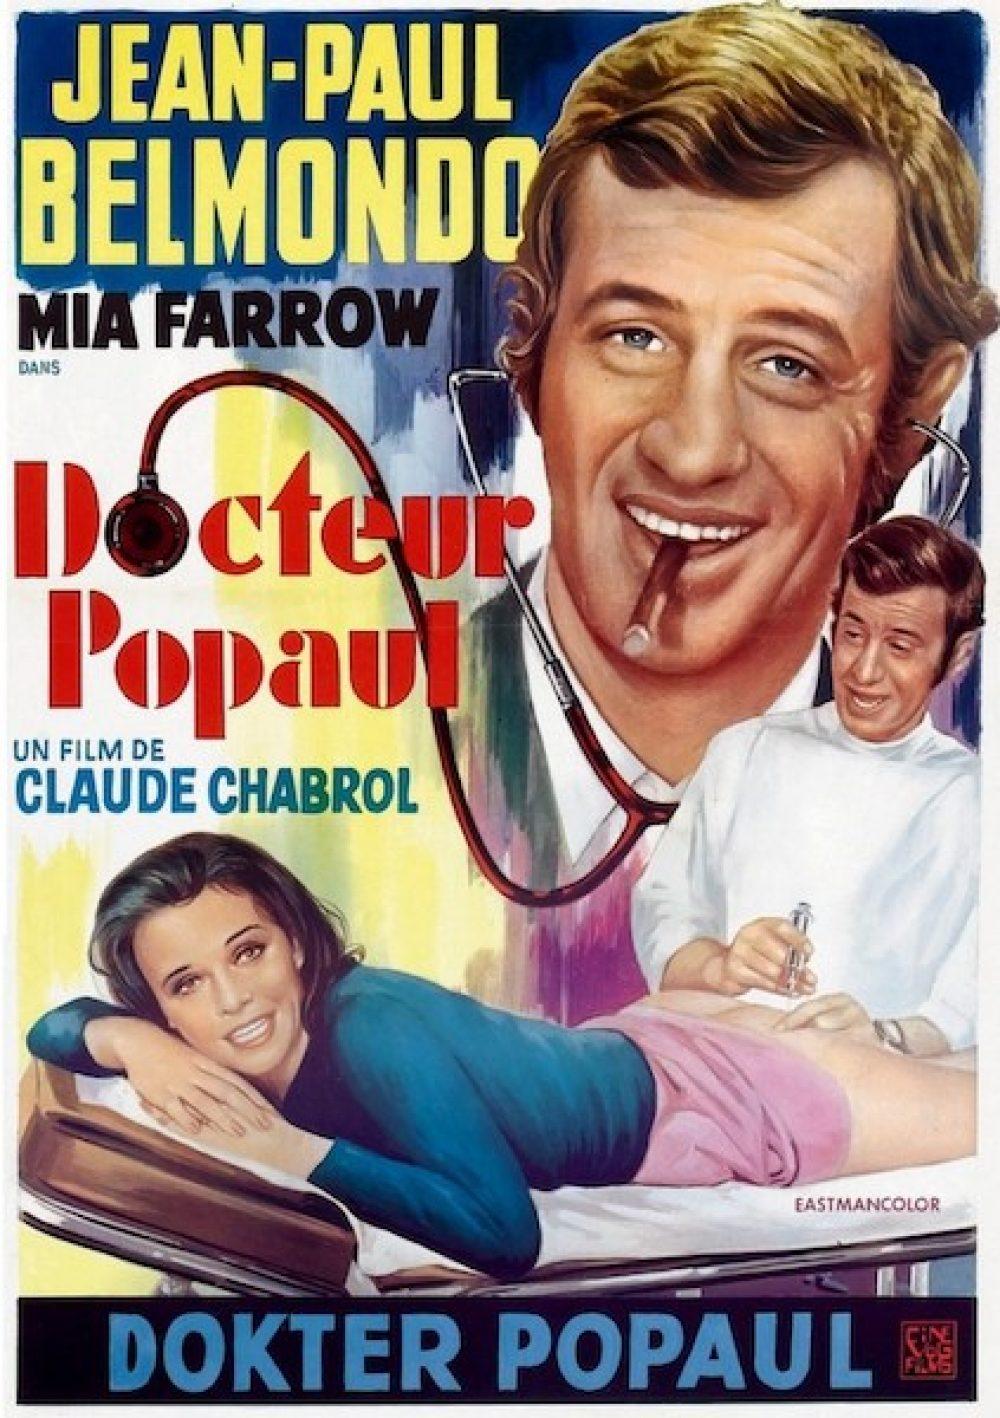 DOCTOR POPAUL